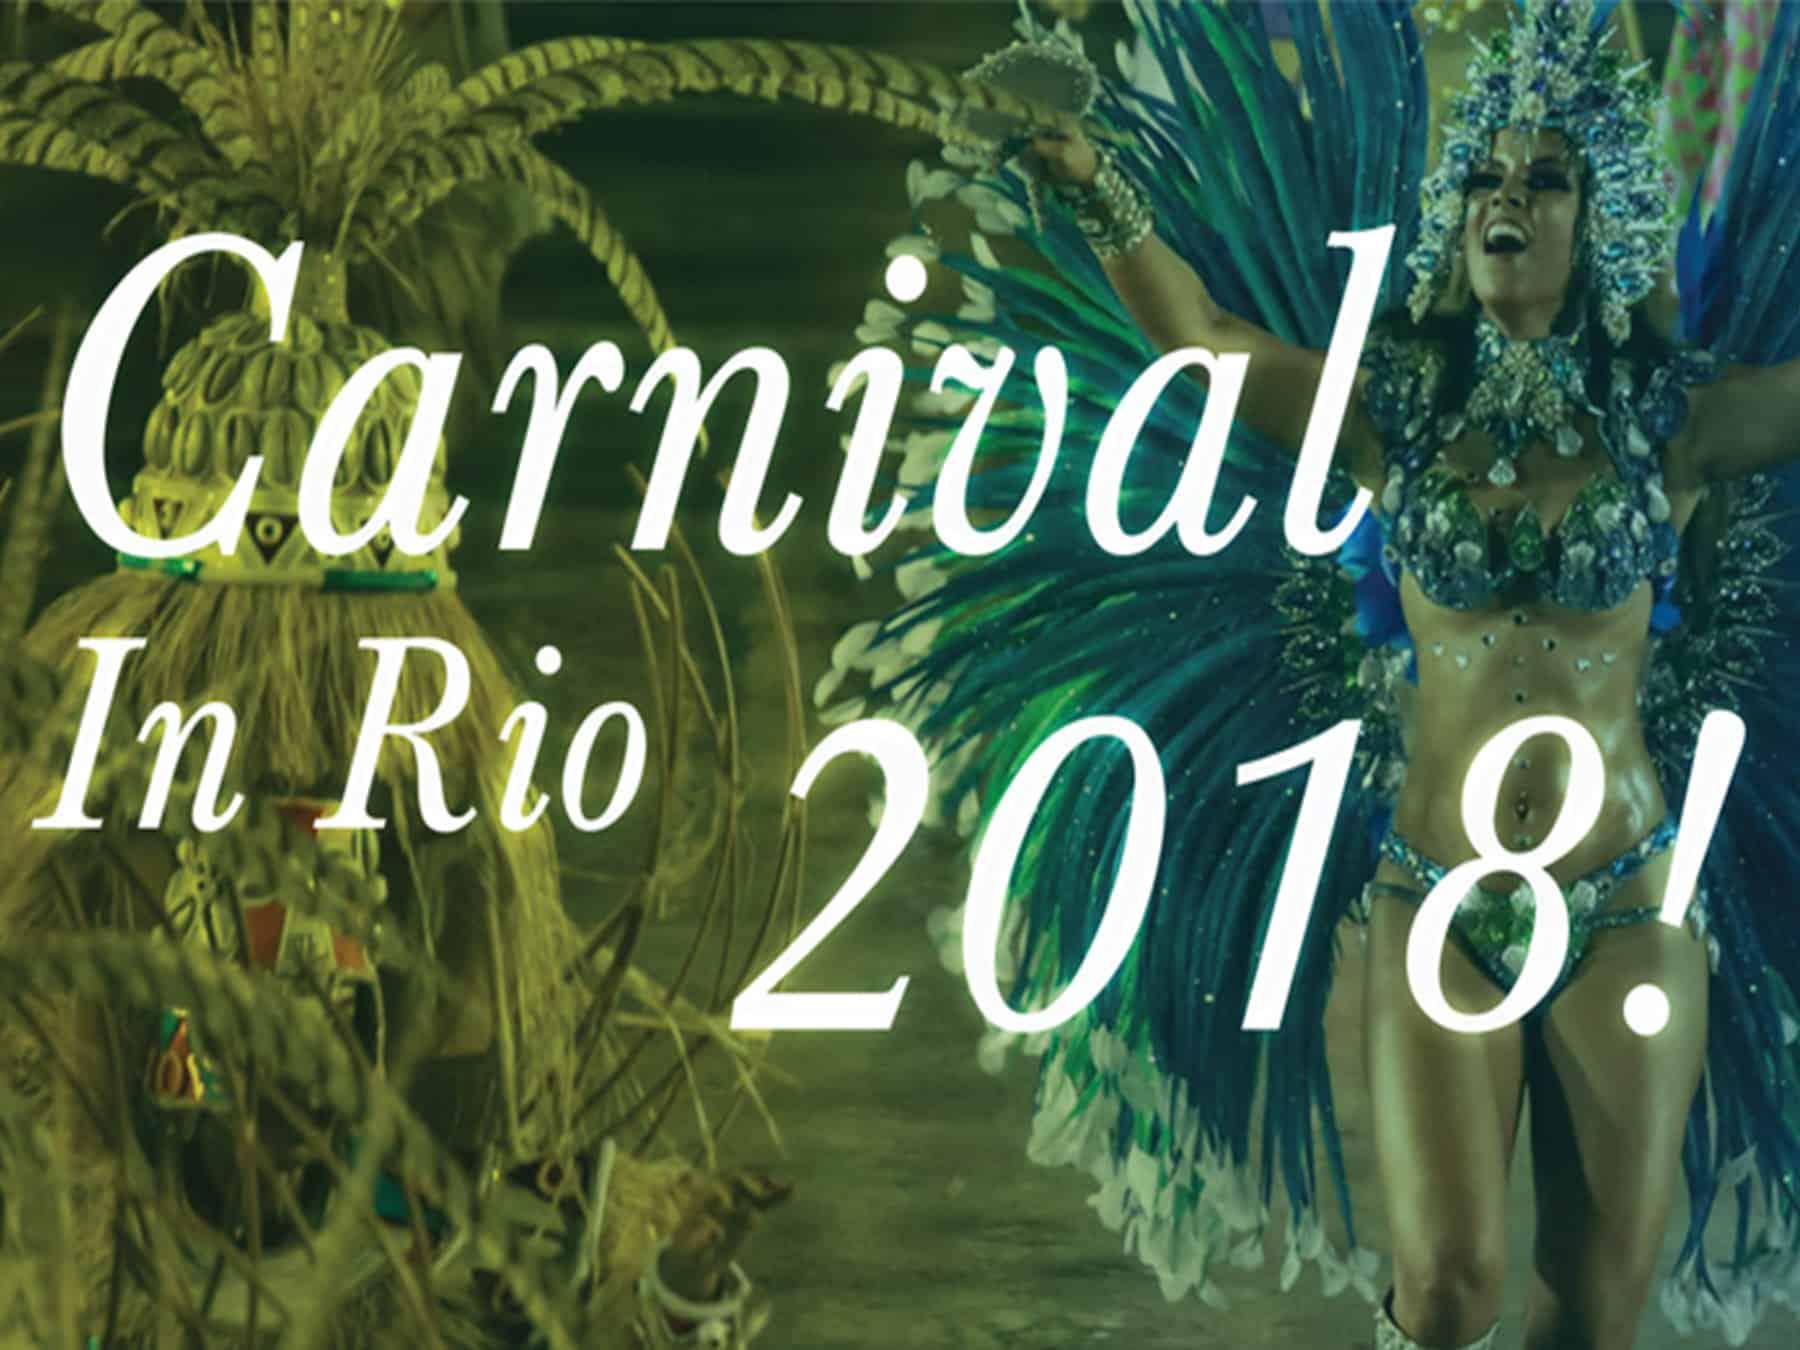 Carnival in Rio 2018